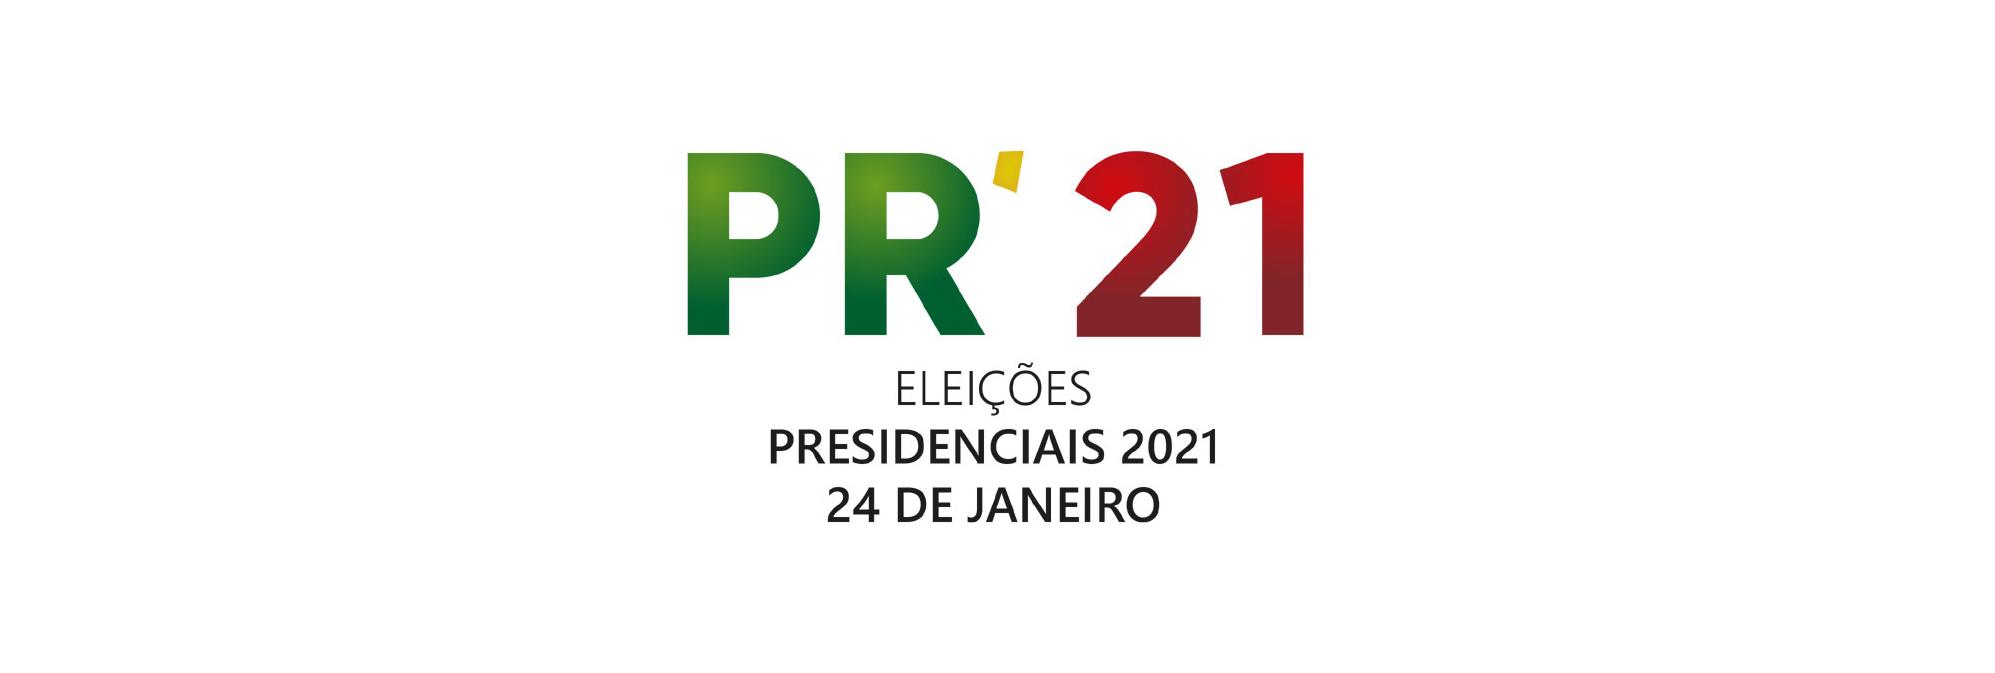 Informações sobre as Eleições Presidenciais |24 jan 2021